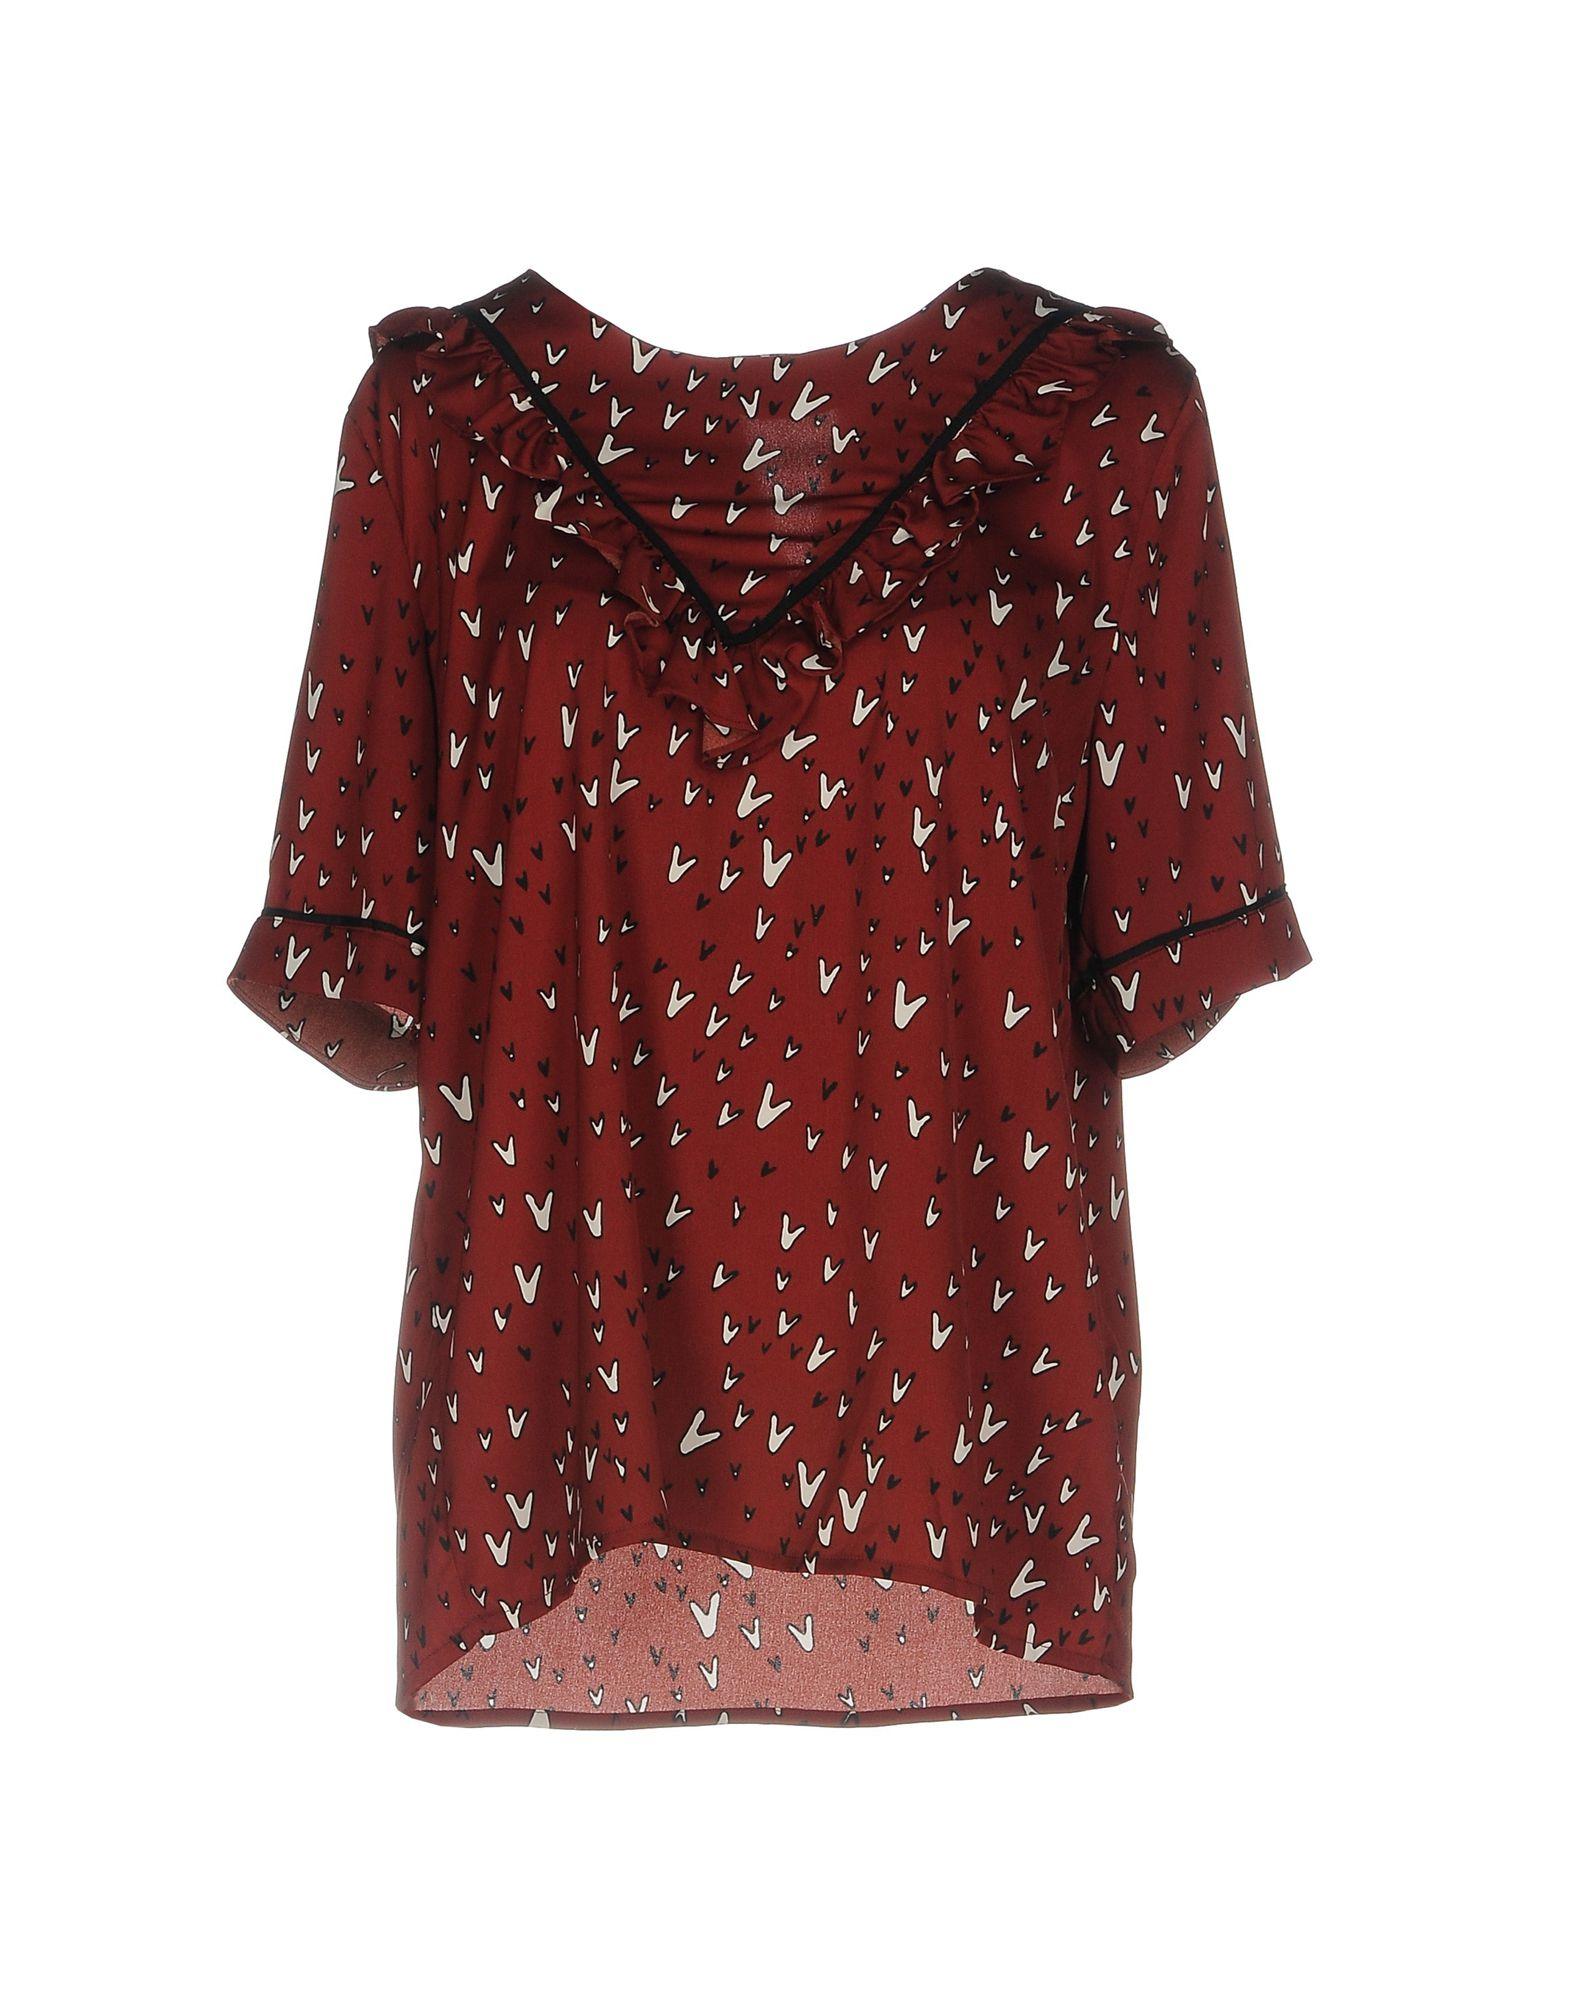 цены на GRACE & MILA Блузка в интернет-магазинах